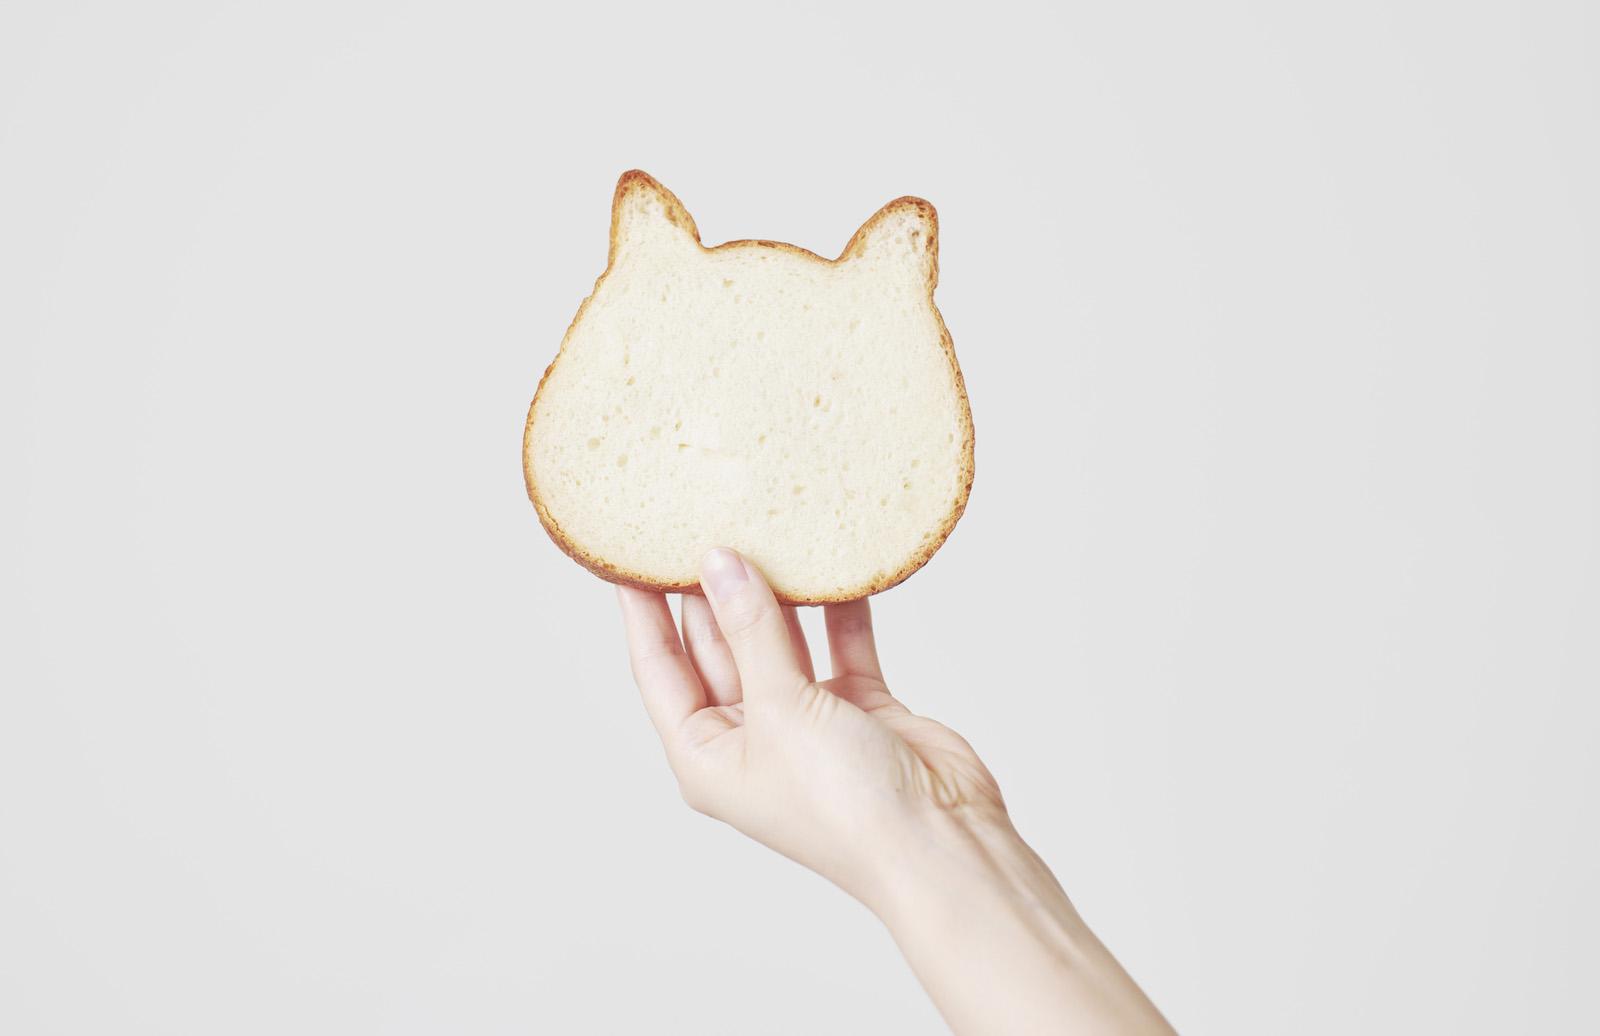 ねこねこ食パンとは?